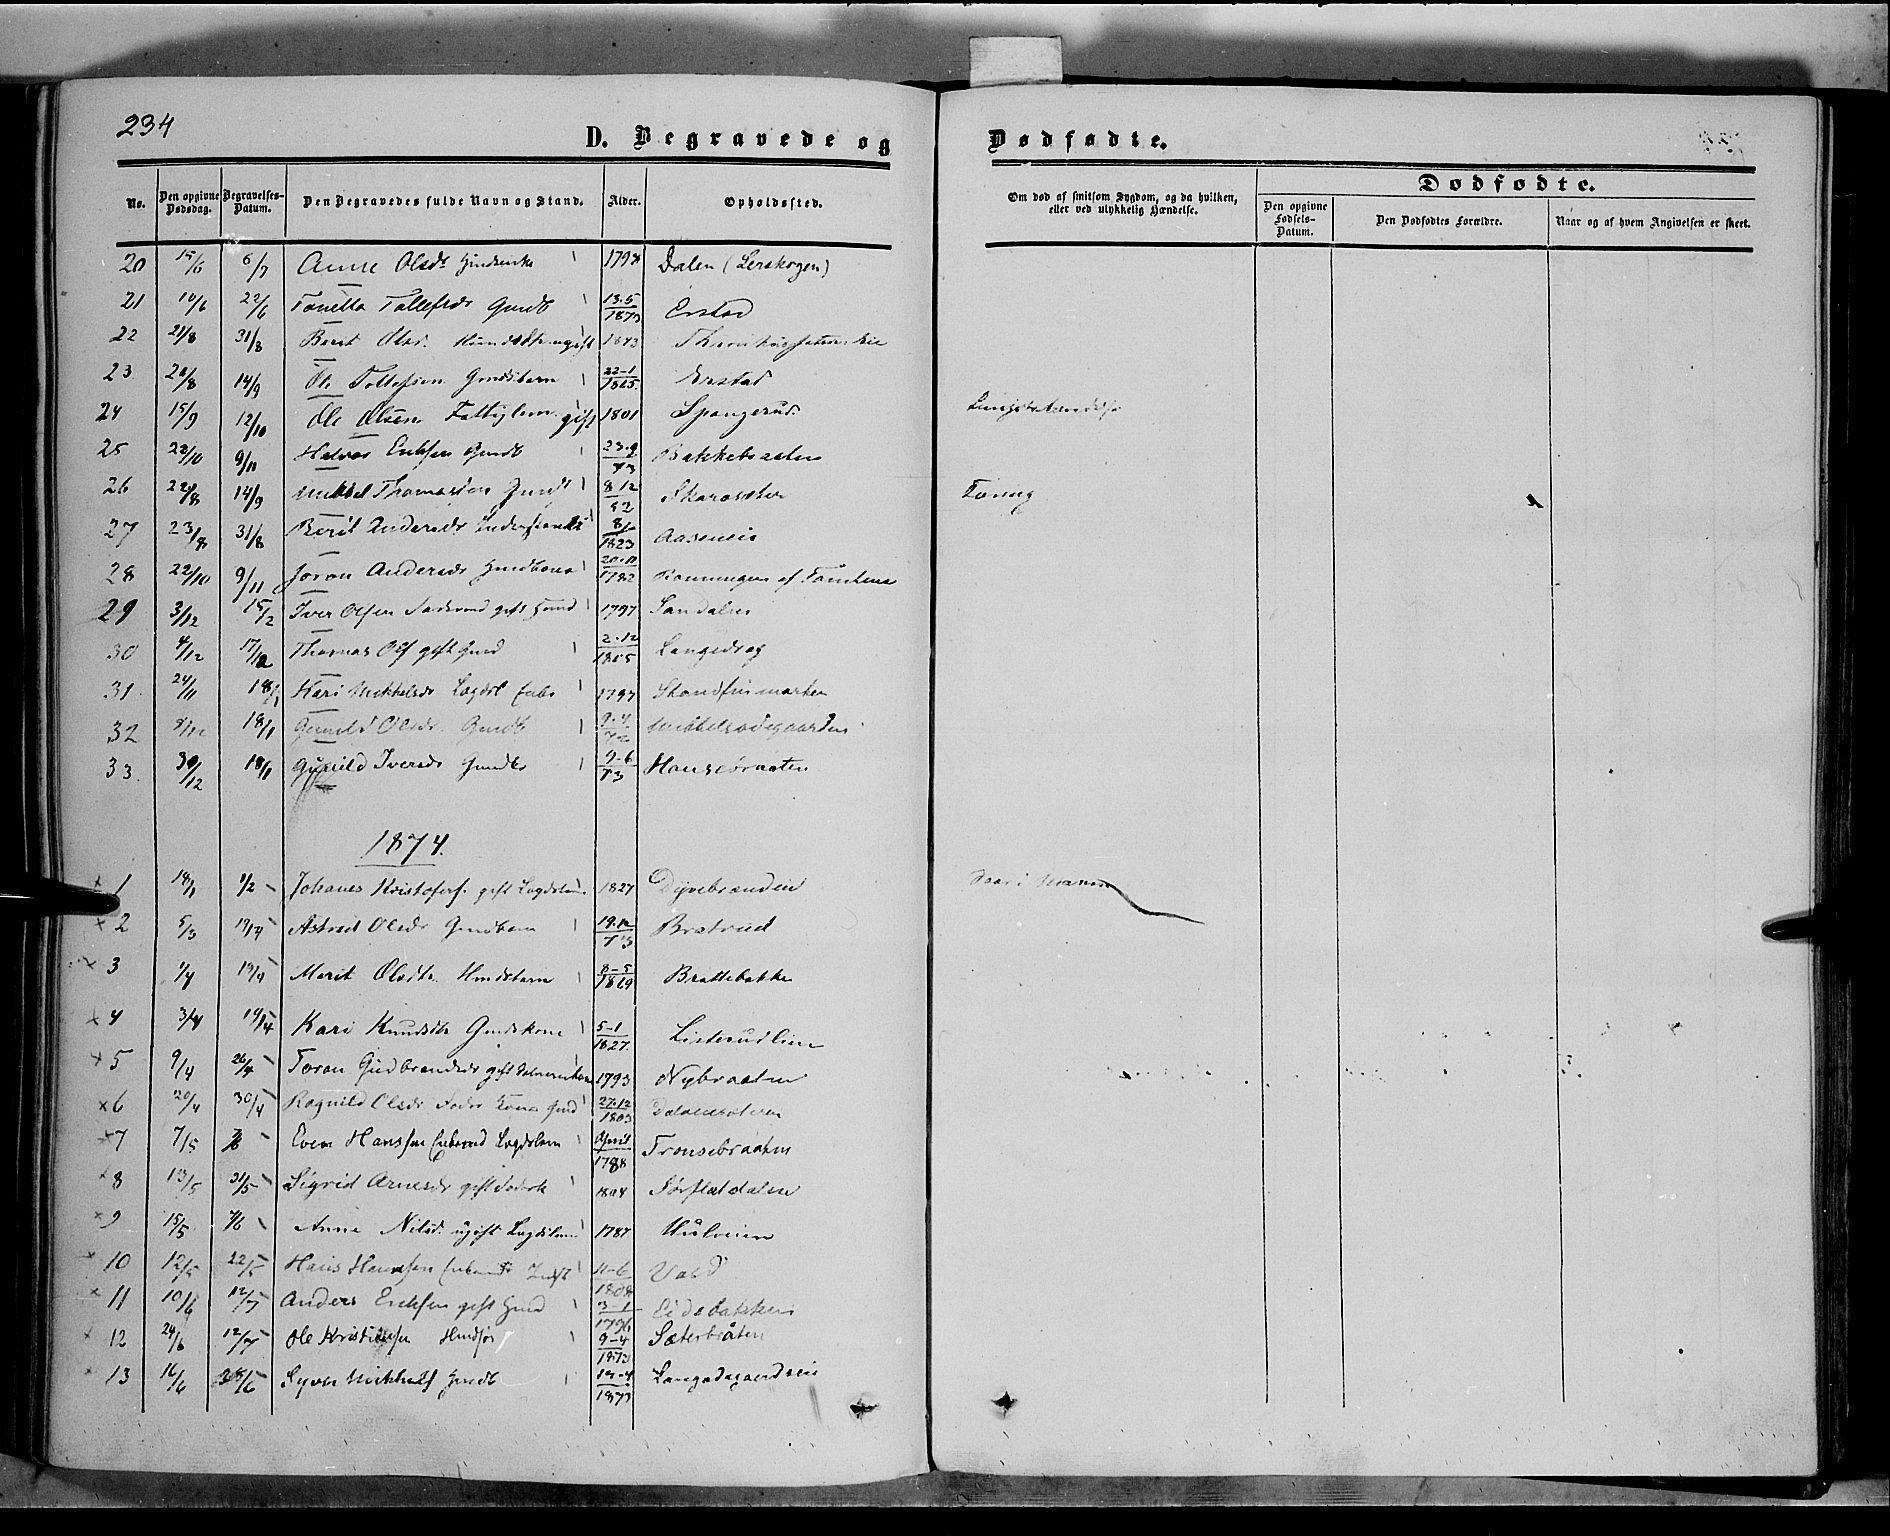 SAH, Sør-Aurdal prestekontor, Ministerialbok nr. 5, 1849-1876, s. 234